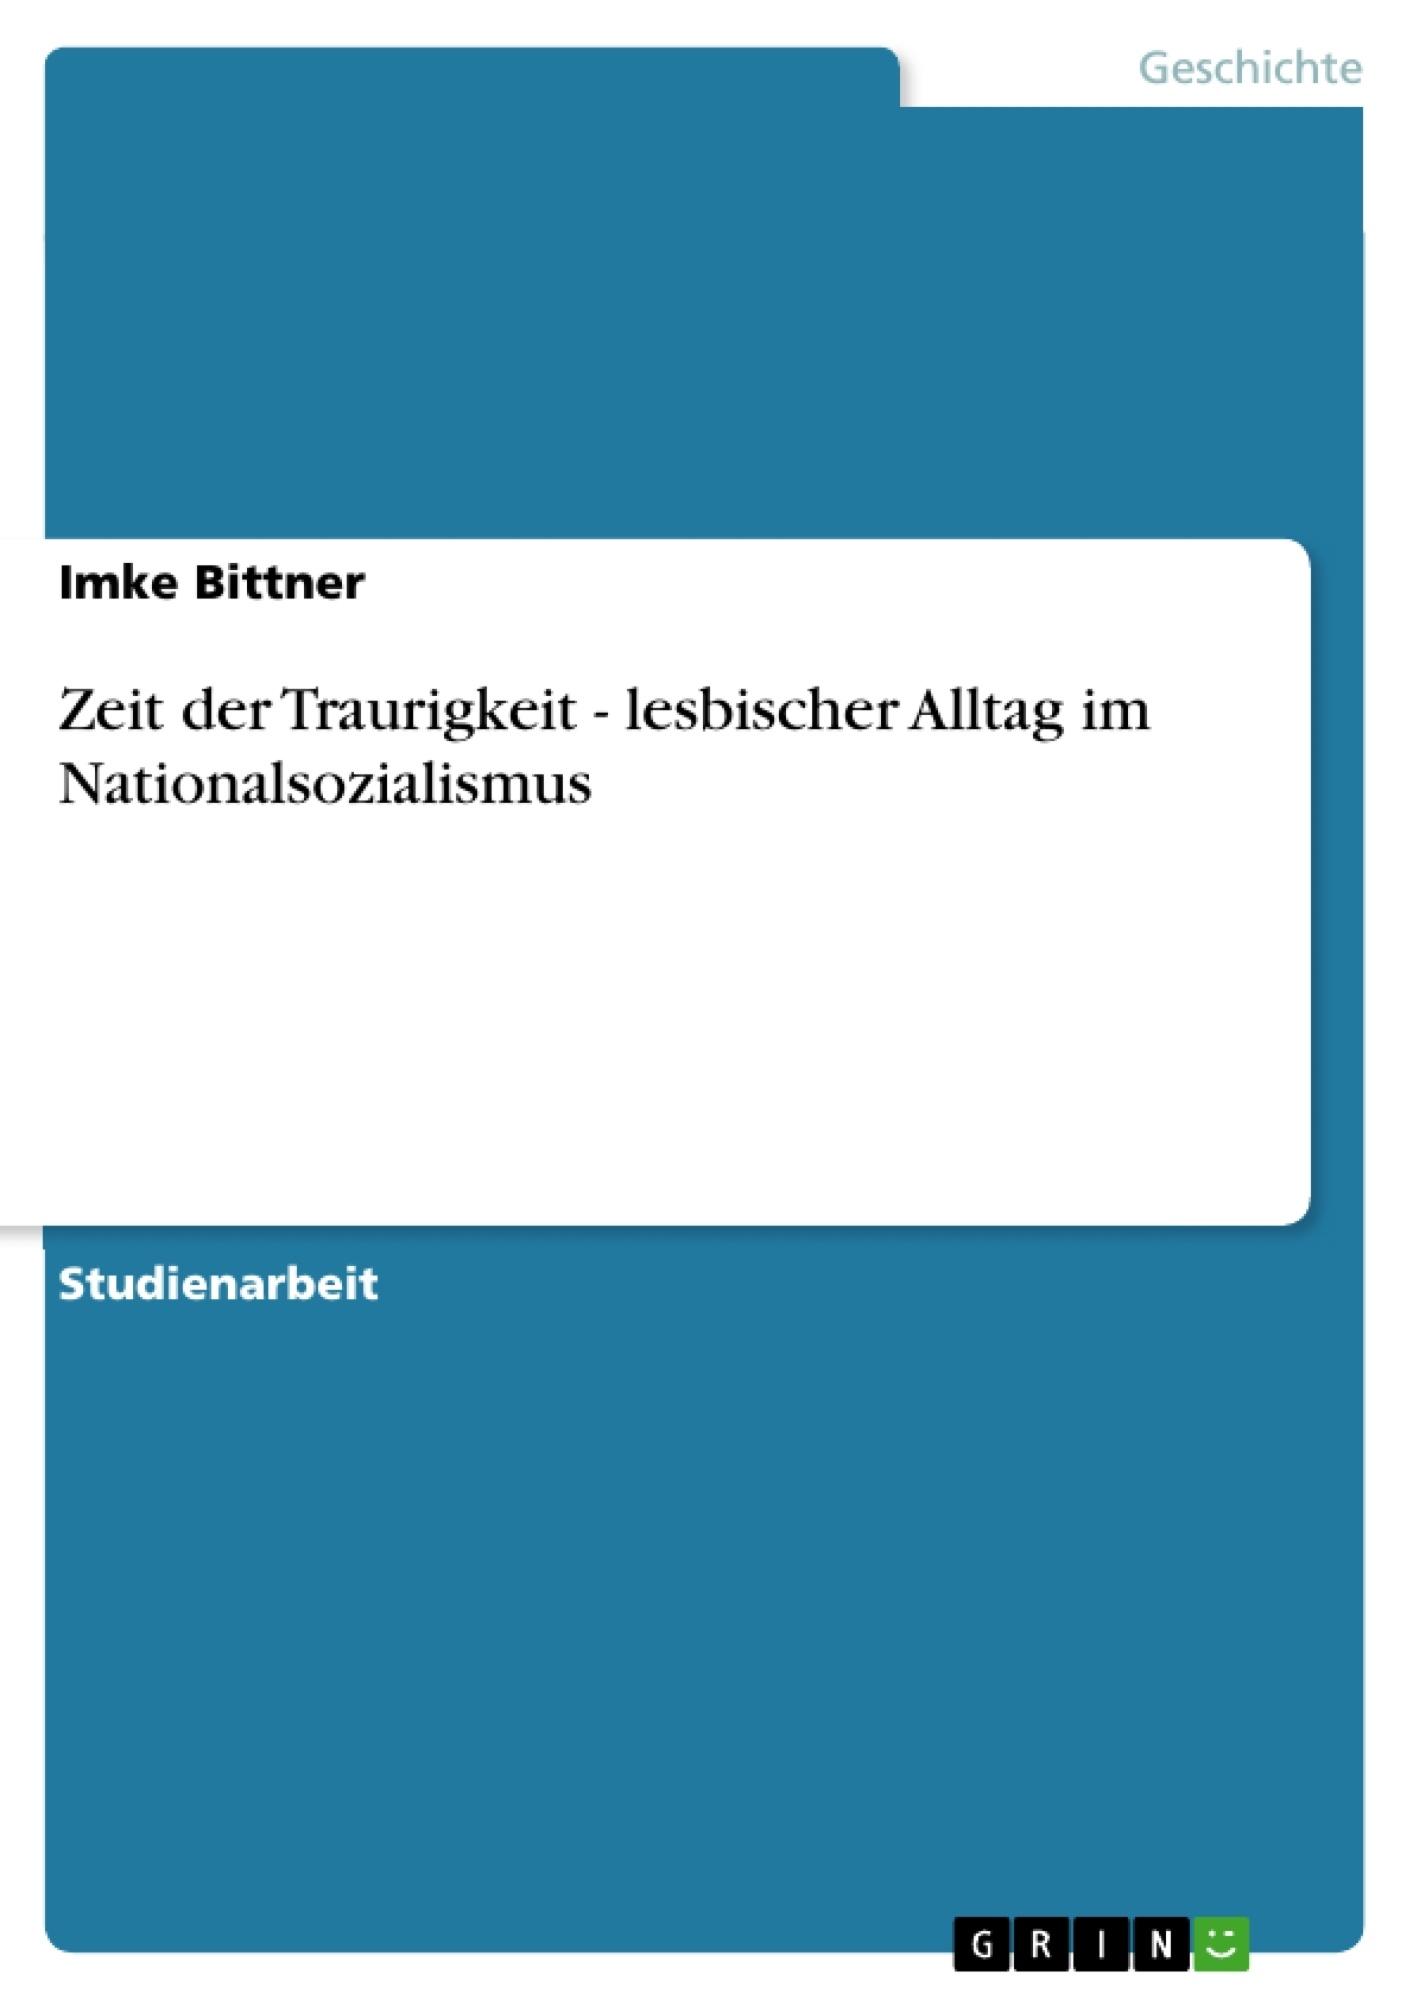 Titel: Zeit der Traurigkeit - lesbischer Alltag im Nationalsozialismus